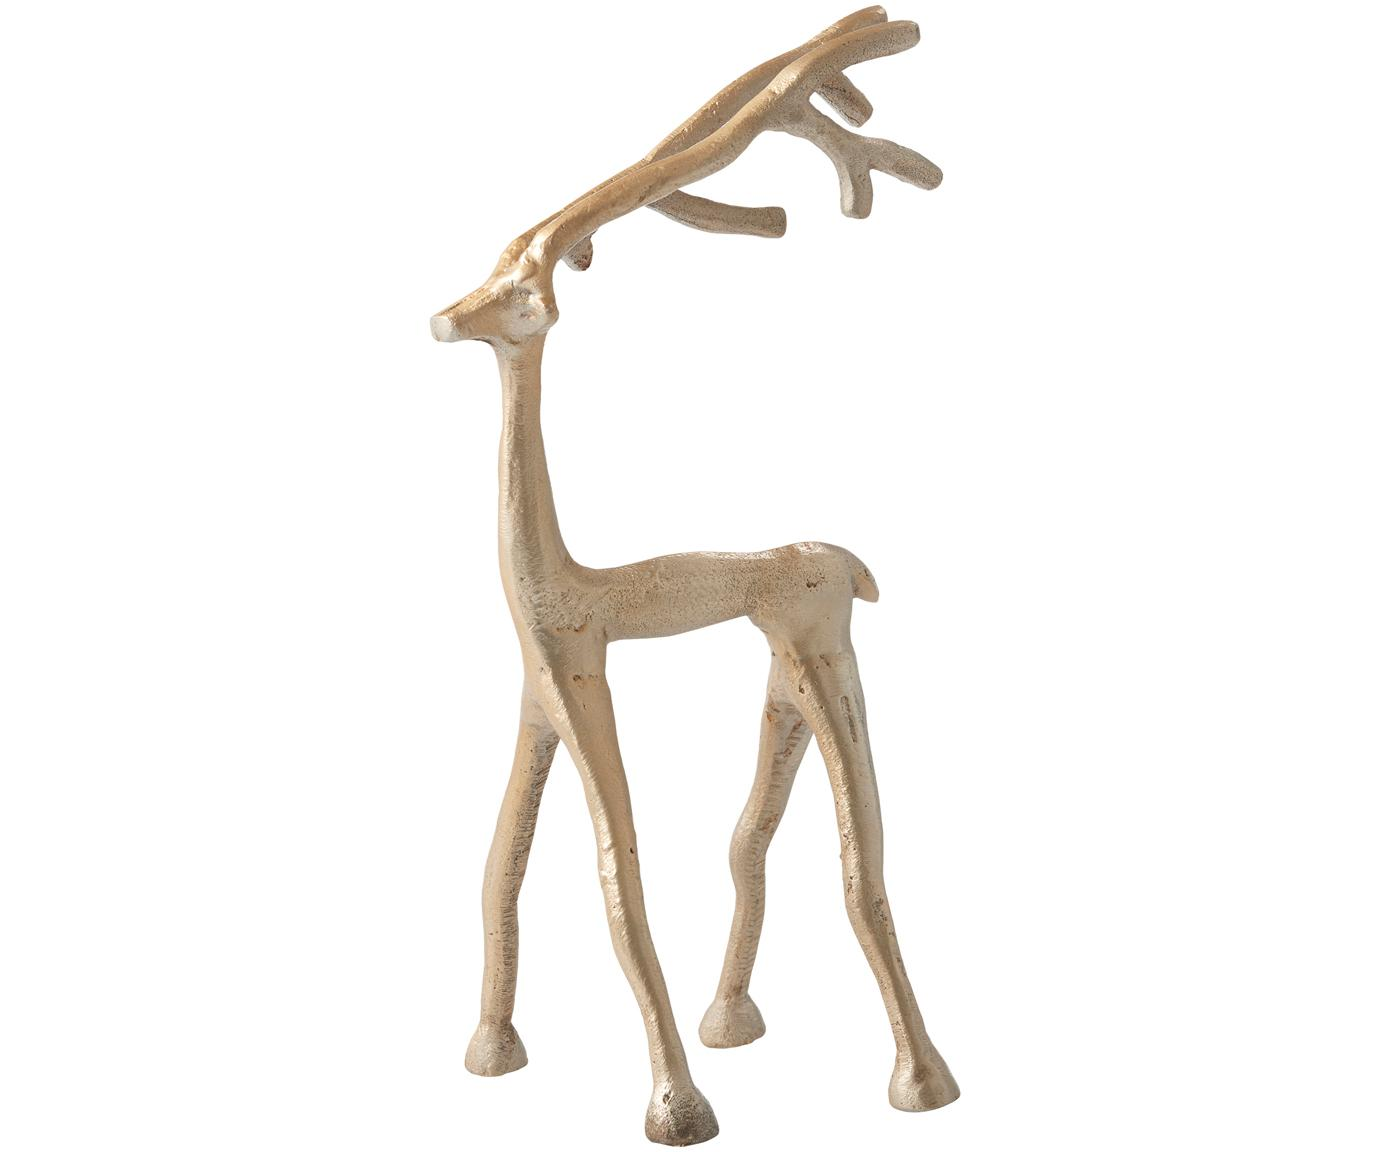 Oggetto decorativo Marley Reindeer, Alluminio rivestito, Ottonato, Larg. 14 x Alt. 27 cm